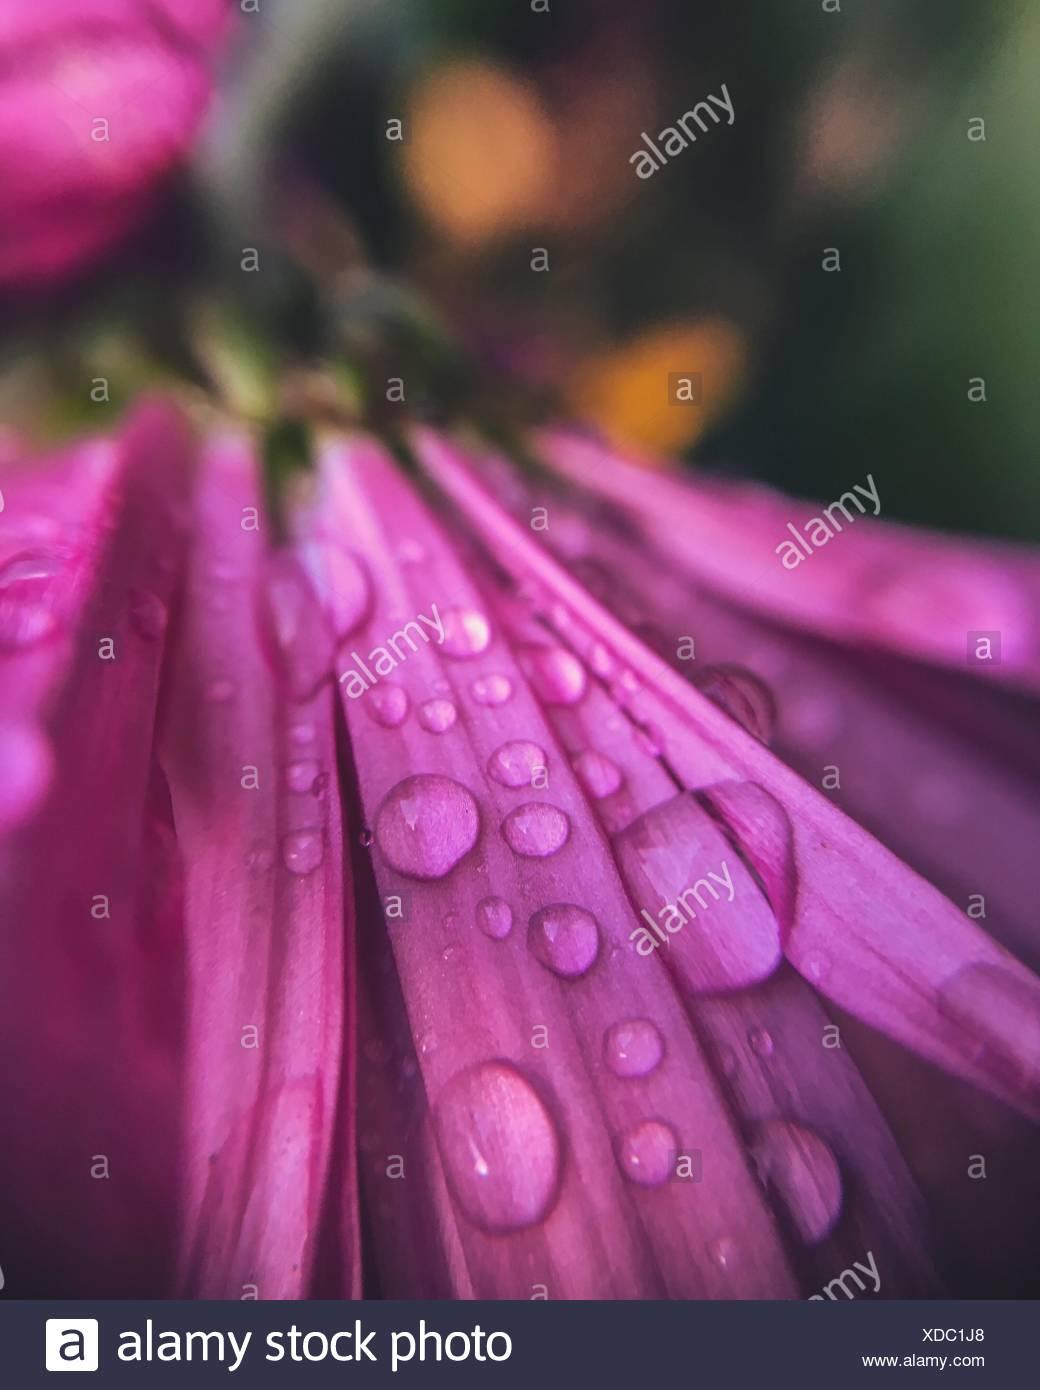 Primer plano de las gotas de lluvia sobre la flor rosa Imagen De Stock